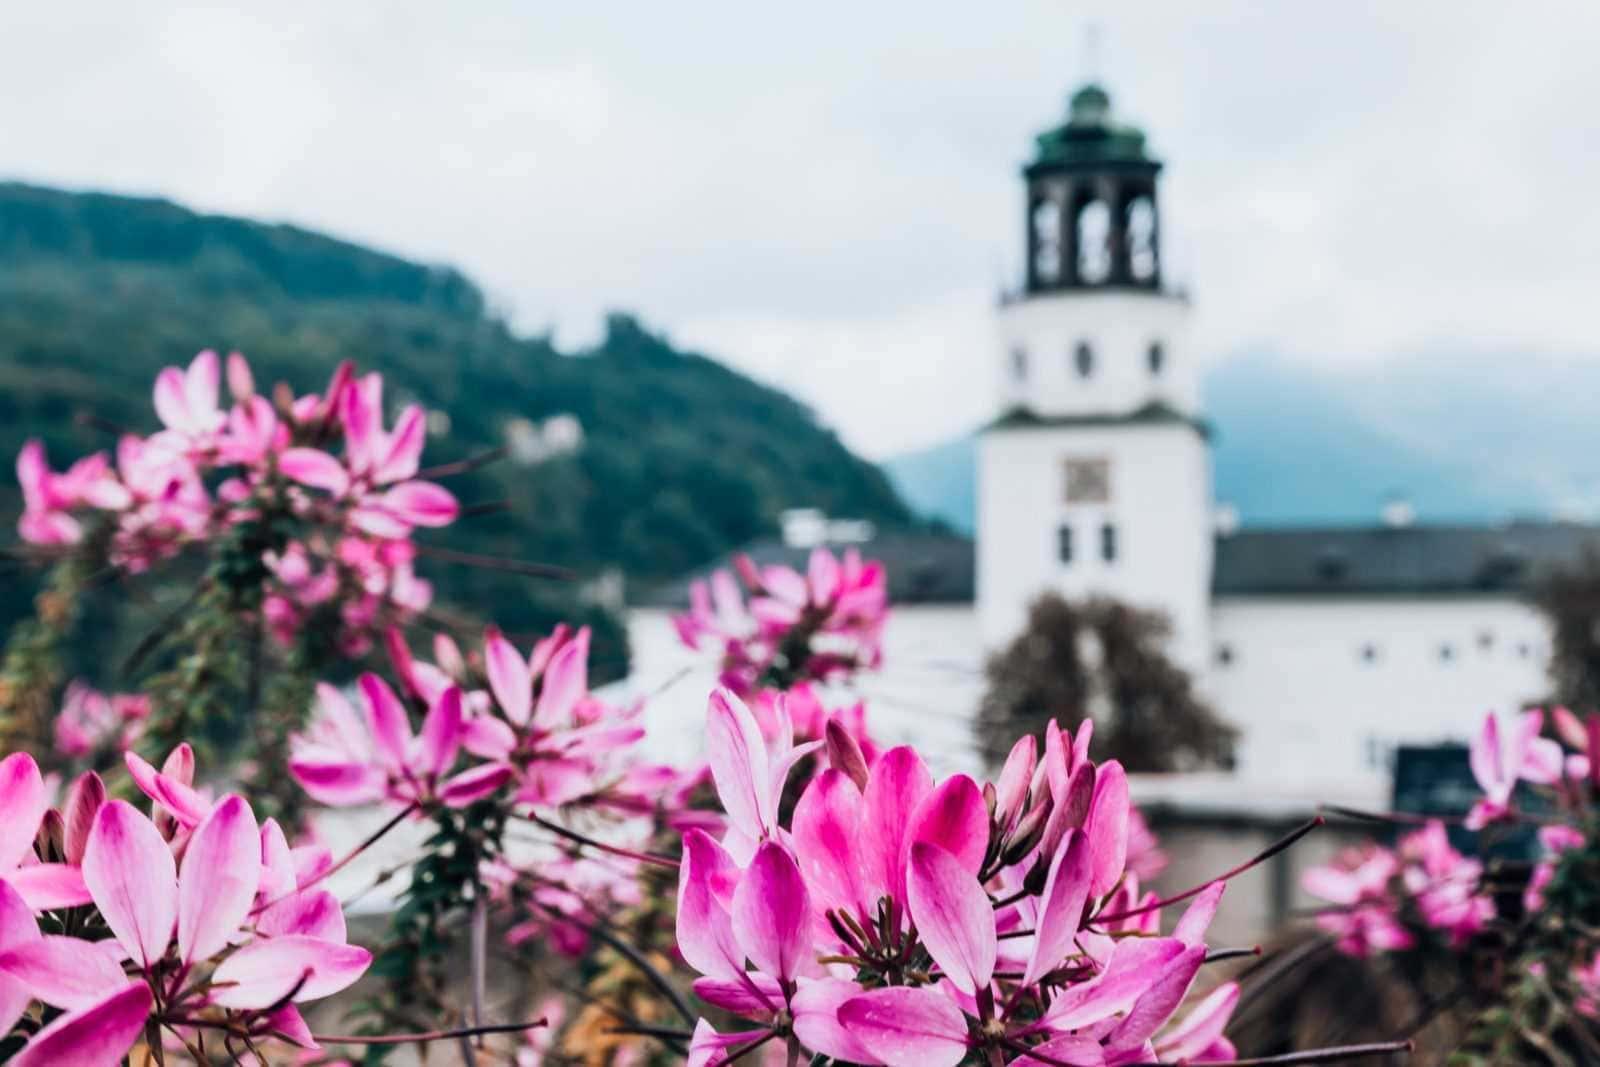 Blick auf das Salzburg Museum mit pinkfarbenen Blumen im Vordergrund